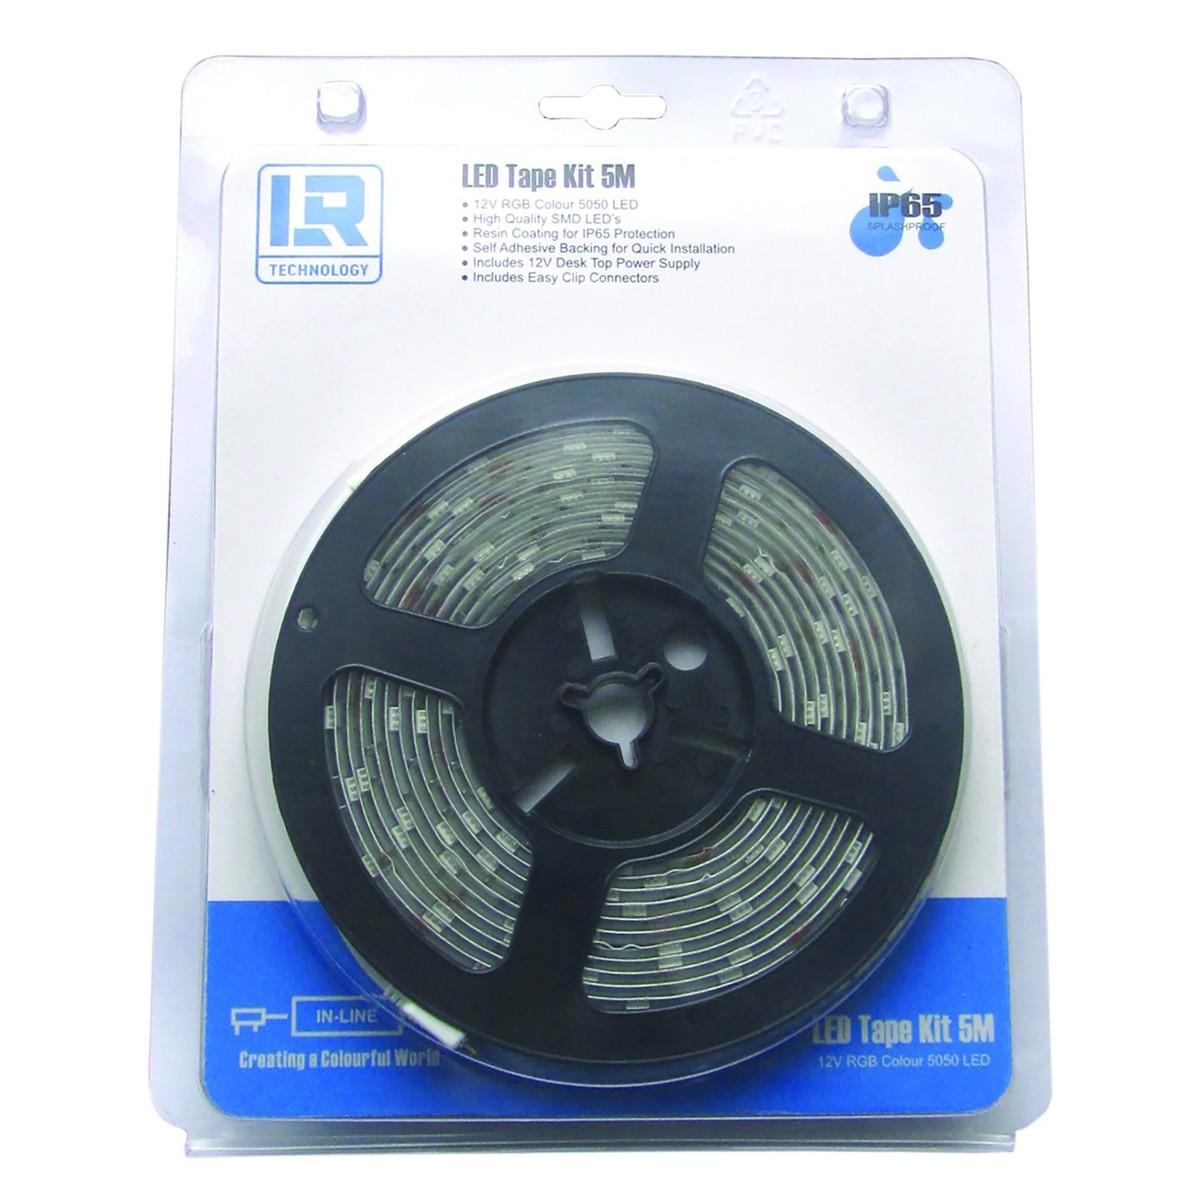 lr technology led tape light kit 5m rgb at. Black Bedroom Furniture Sets. Home Design Ideas